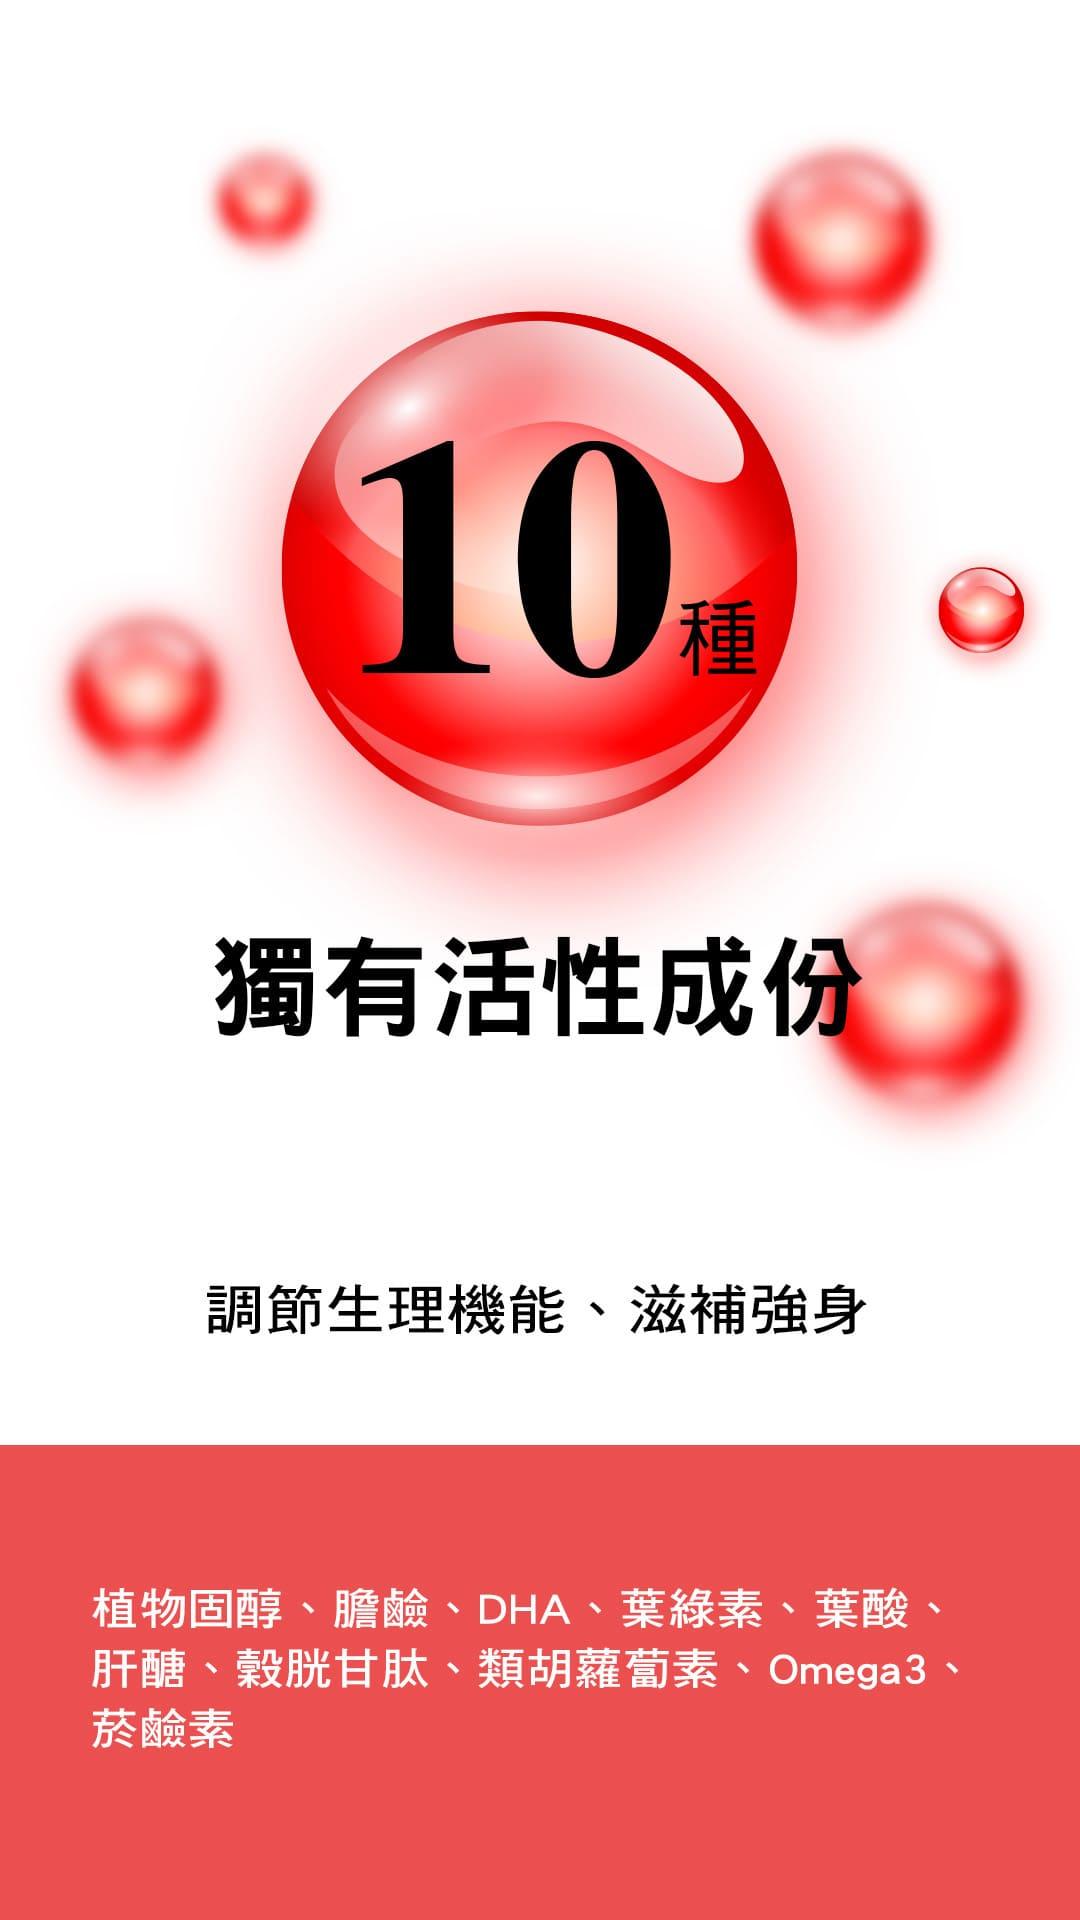 17.黃金蜆四大營養優勢、10種獨有活性成份